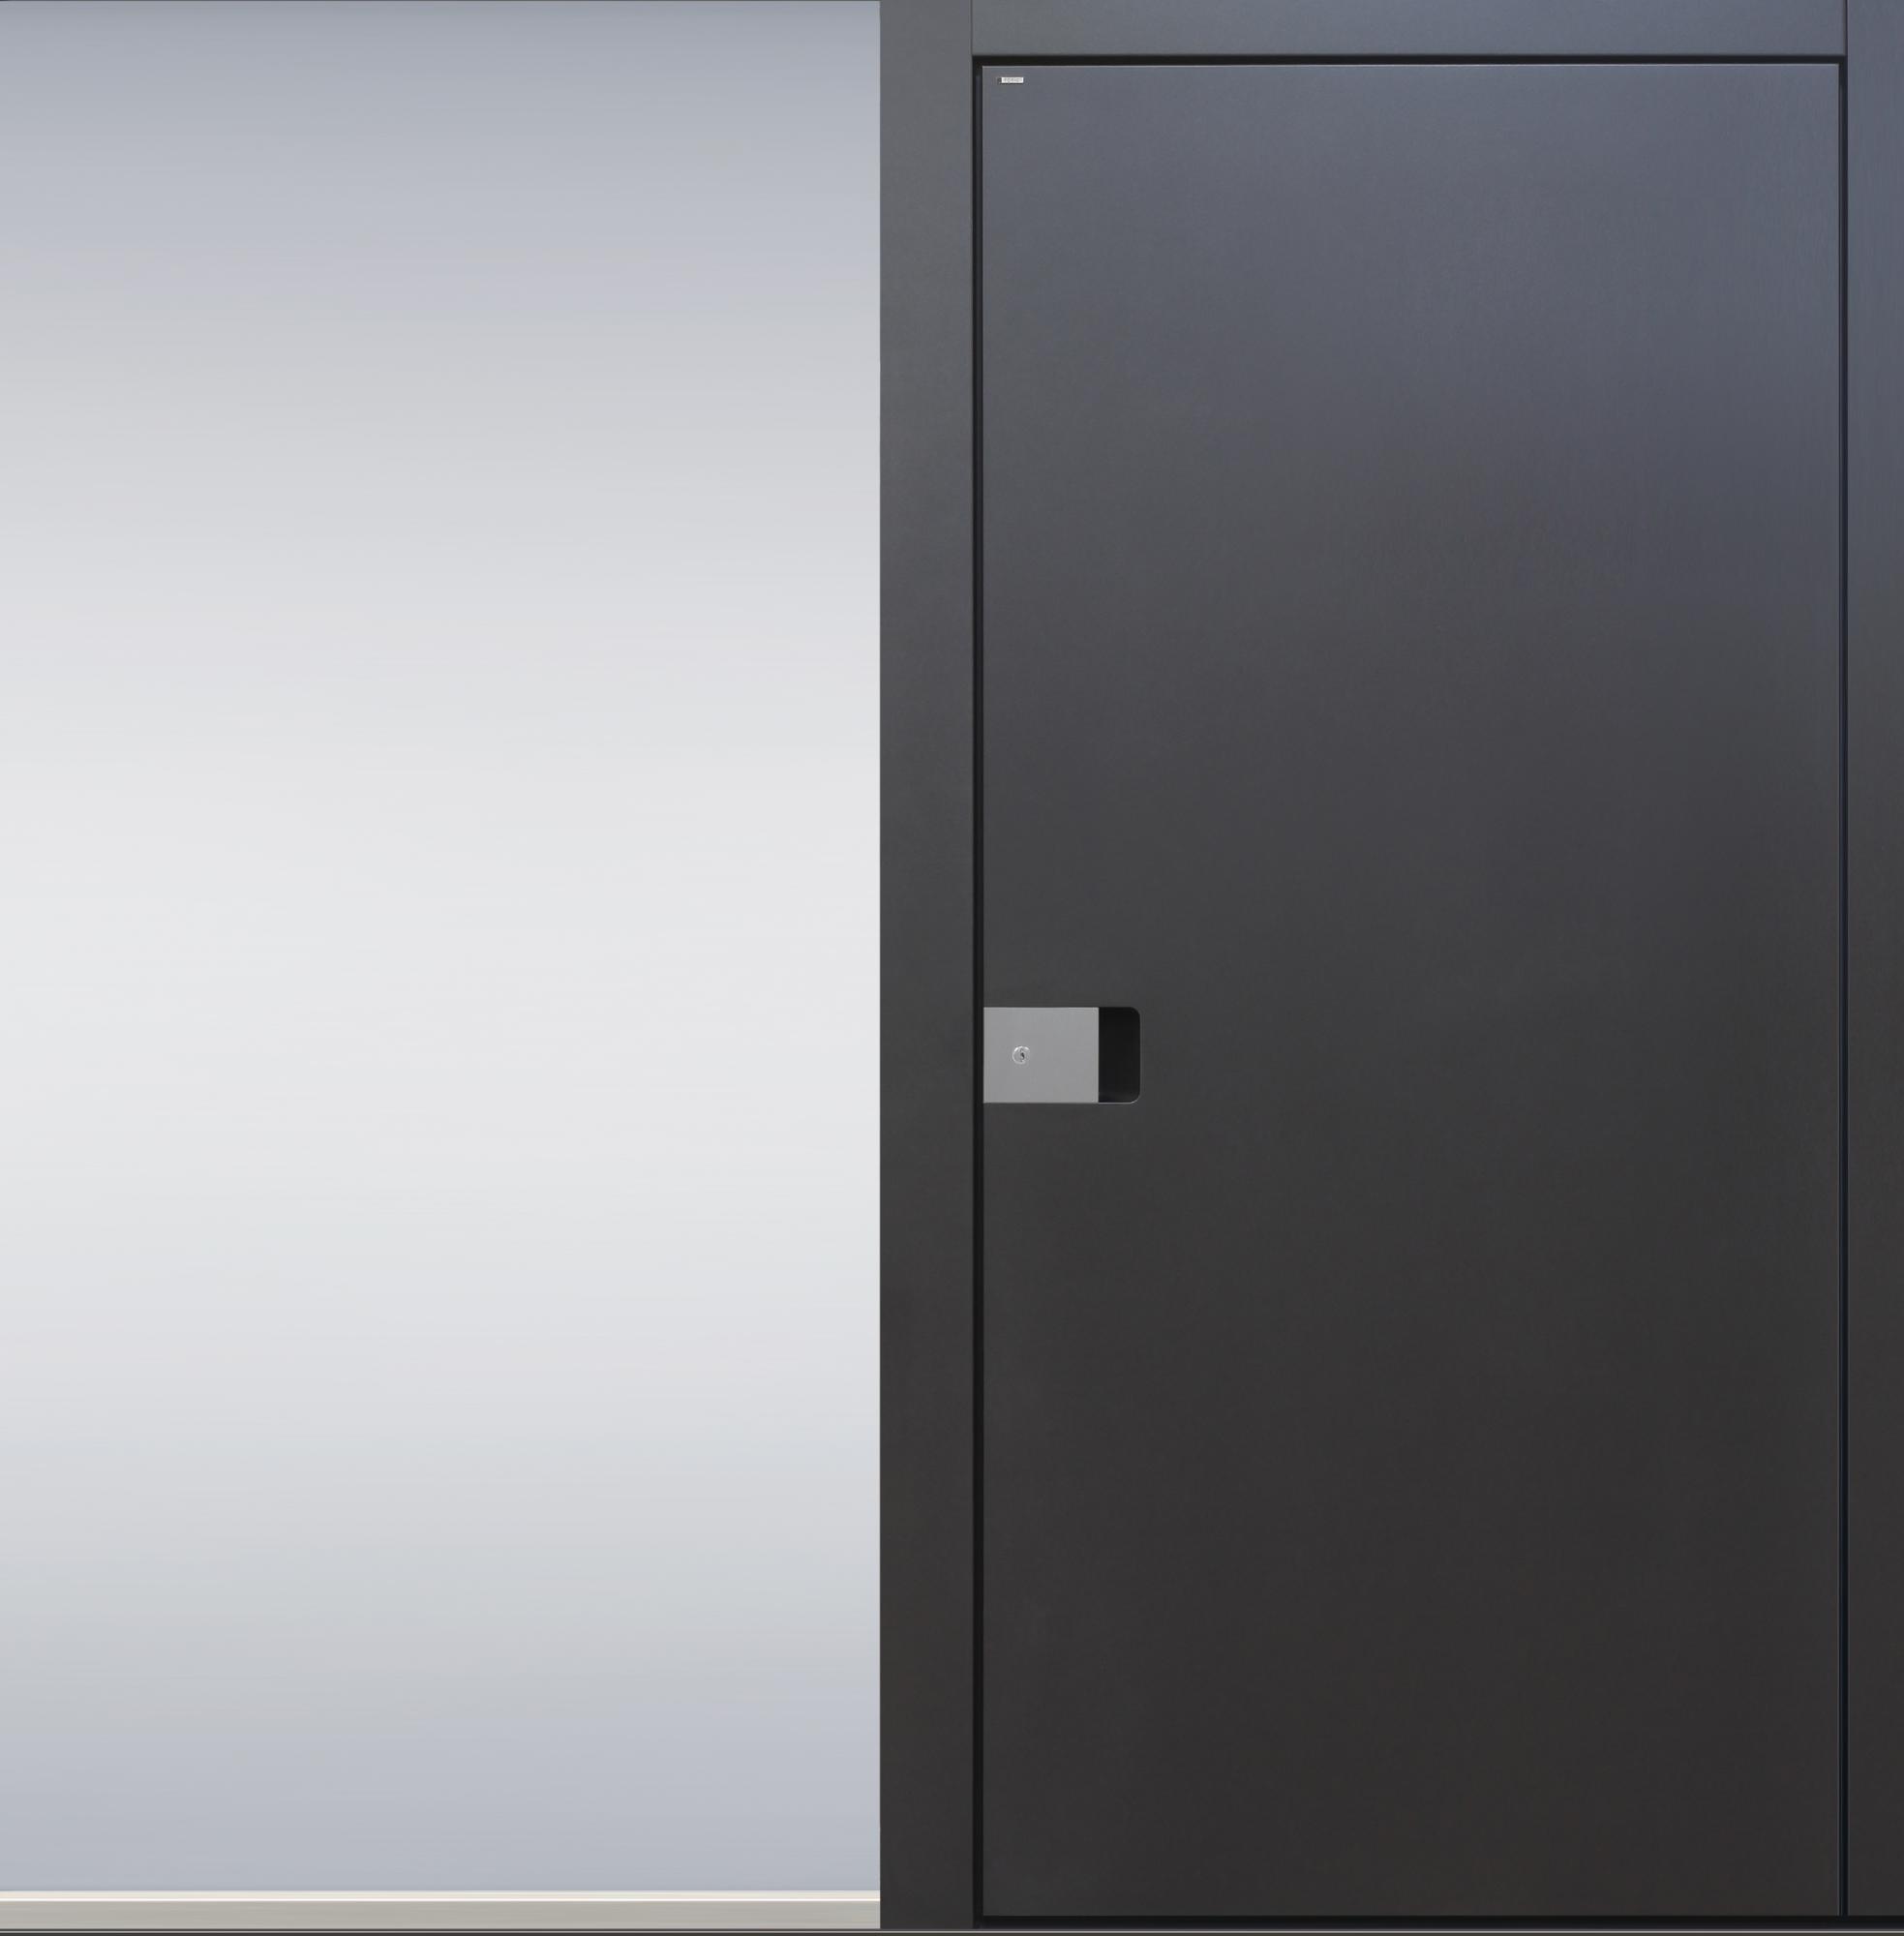 Haustüren anthrazit mit seitenteil  TOPIC - Haustüren von Meisterhand TOPIC - die Türenmanufaktur